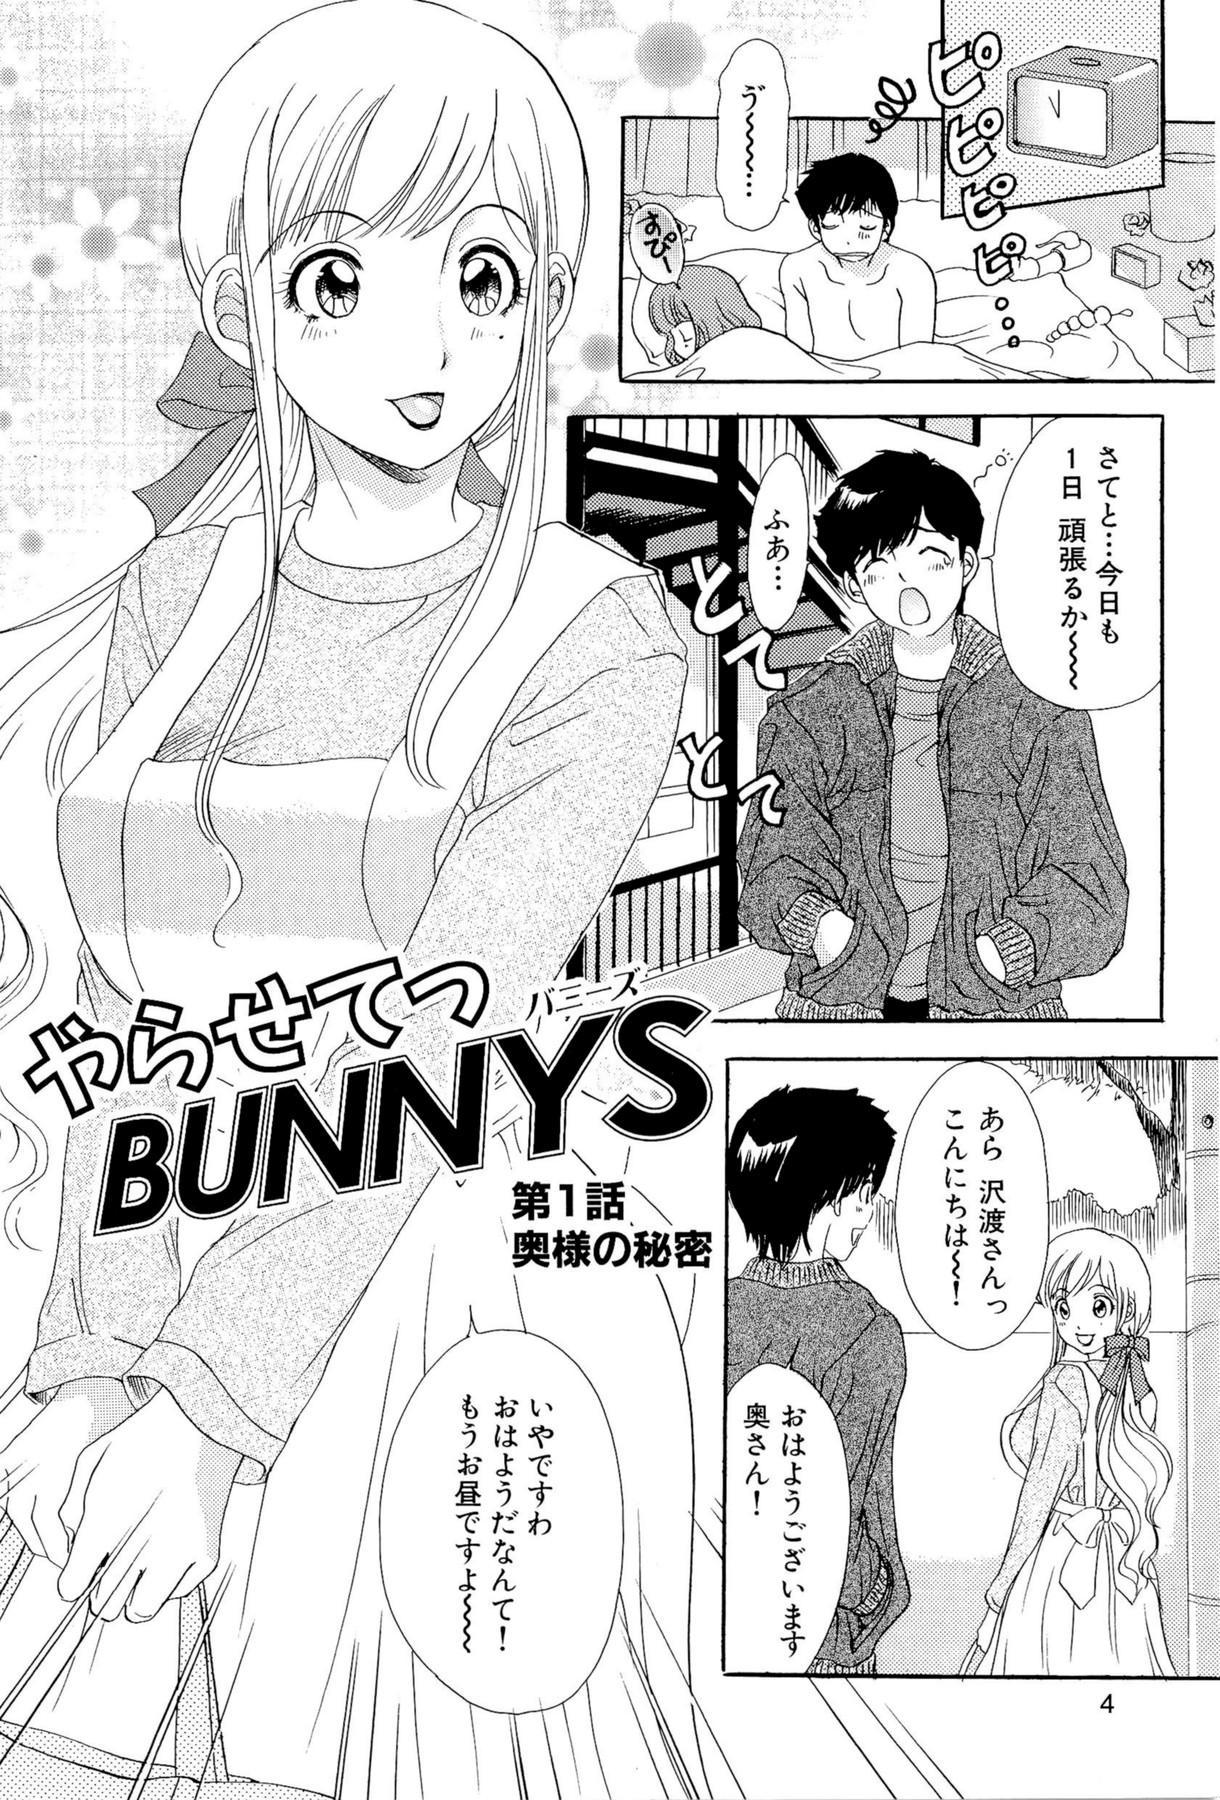 Yarasete Bunnys 6